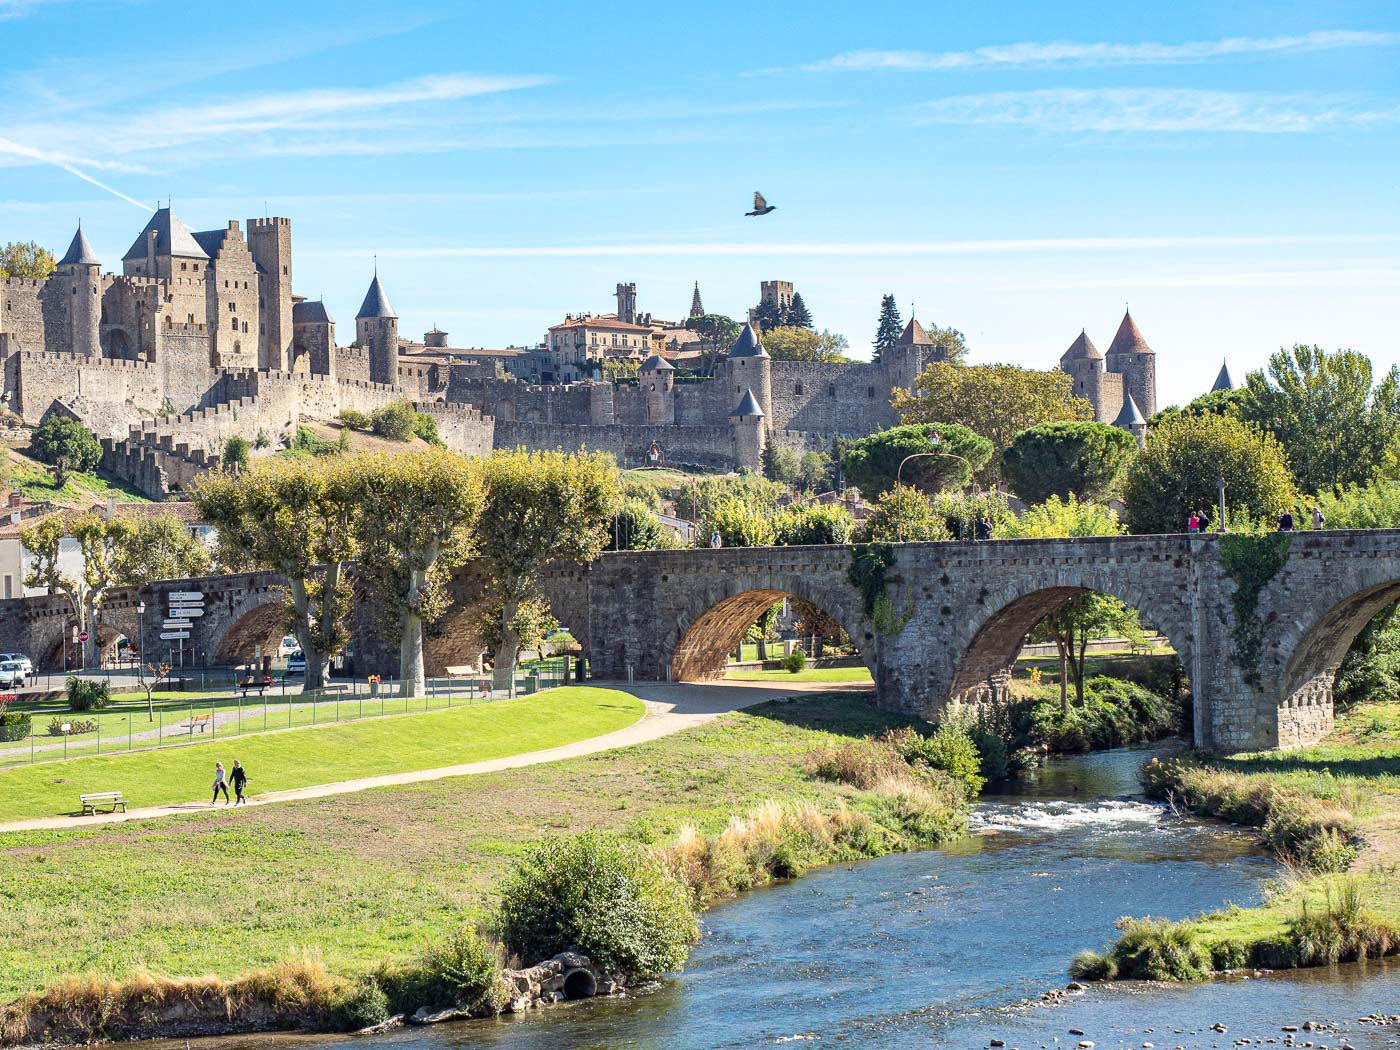 Visiter la cité de Carcassonne, conseils pour des vacances en France